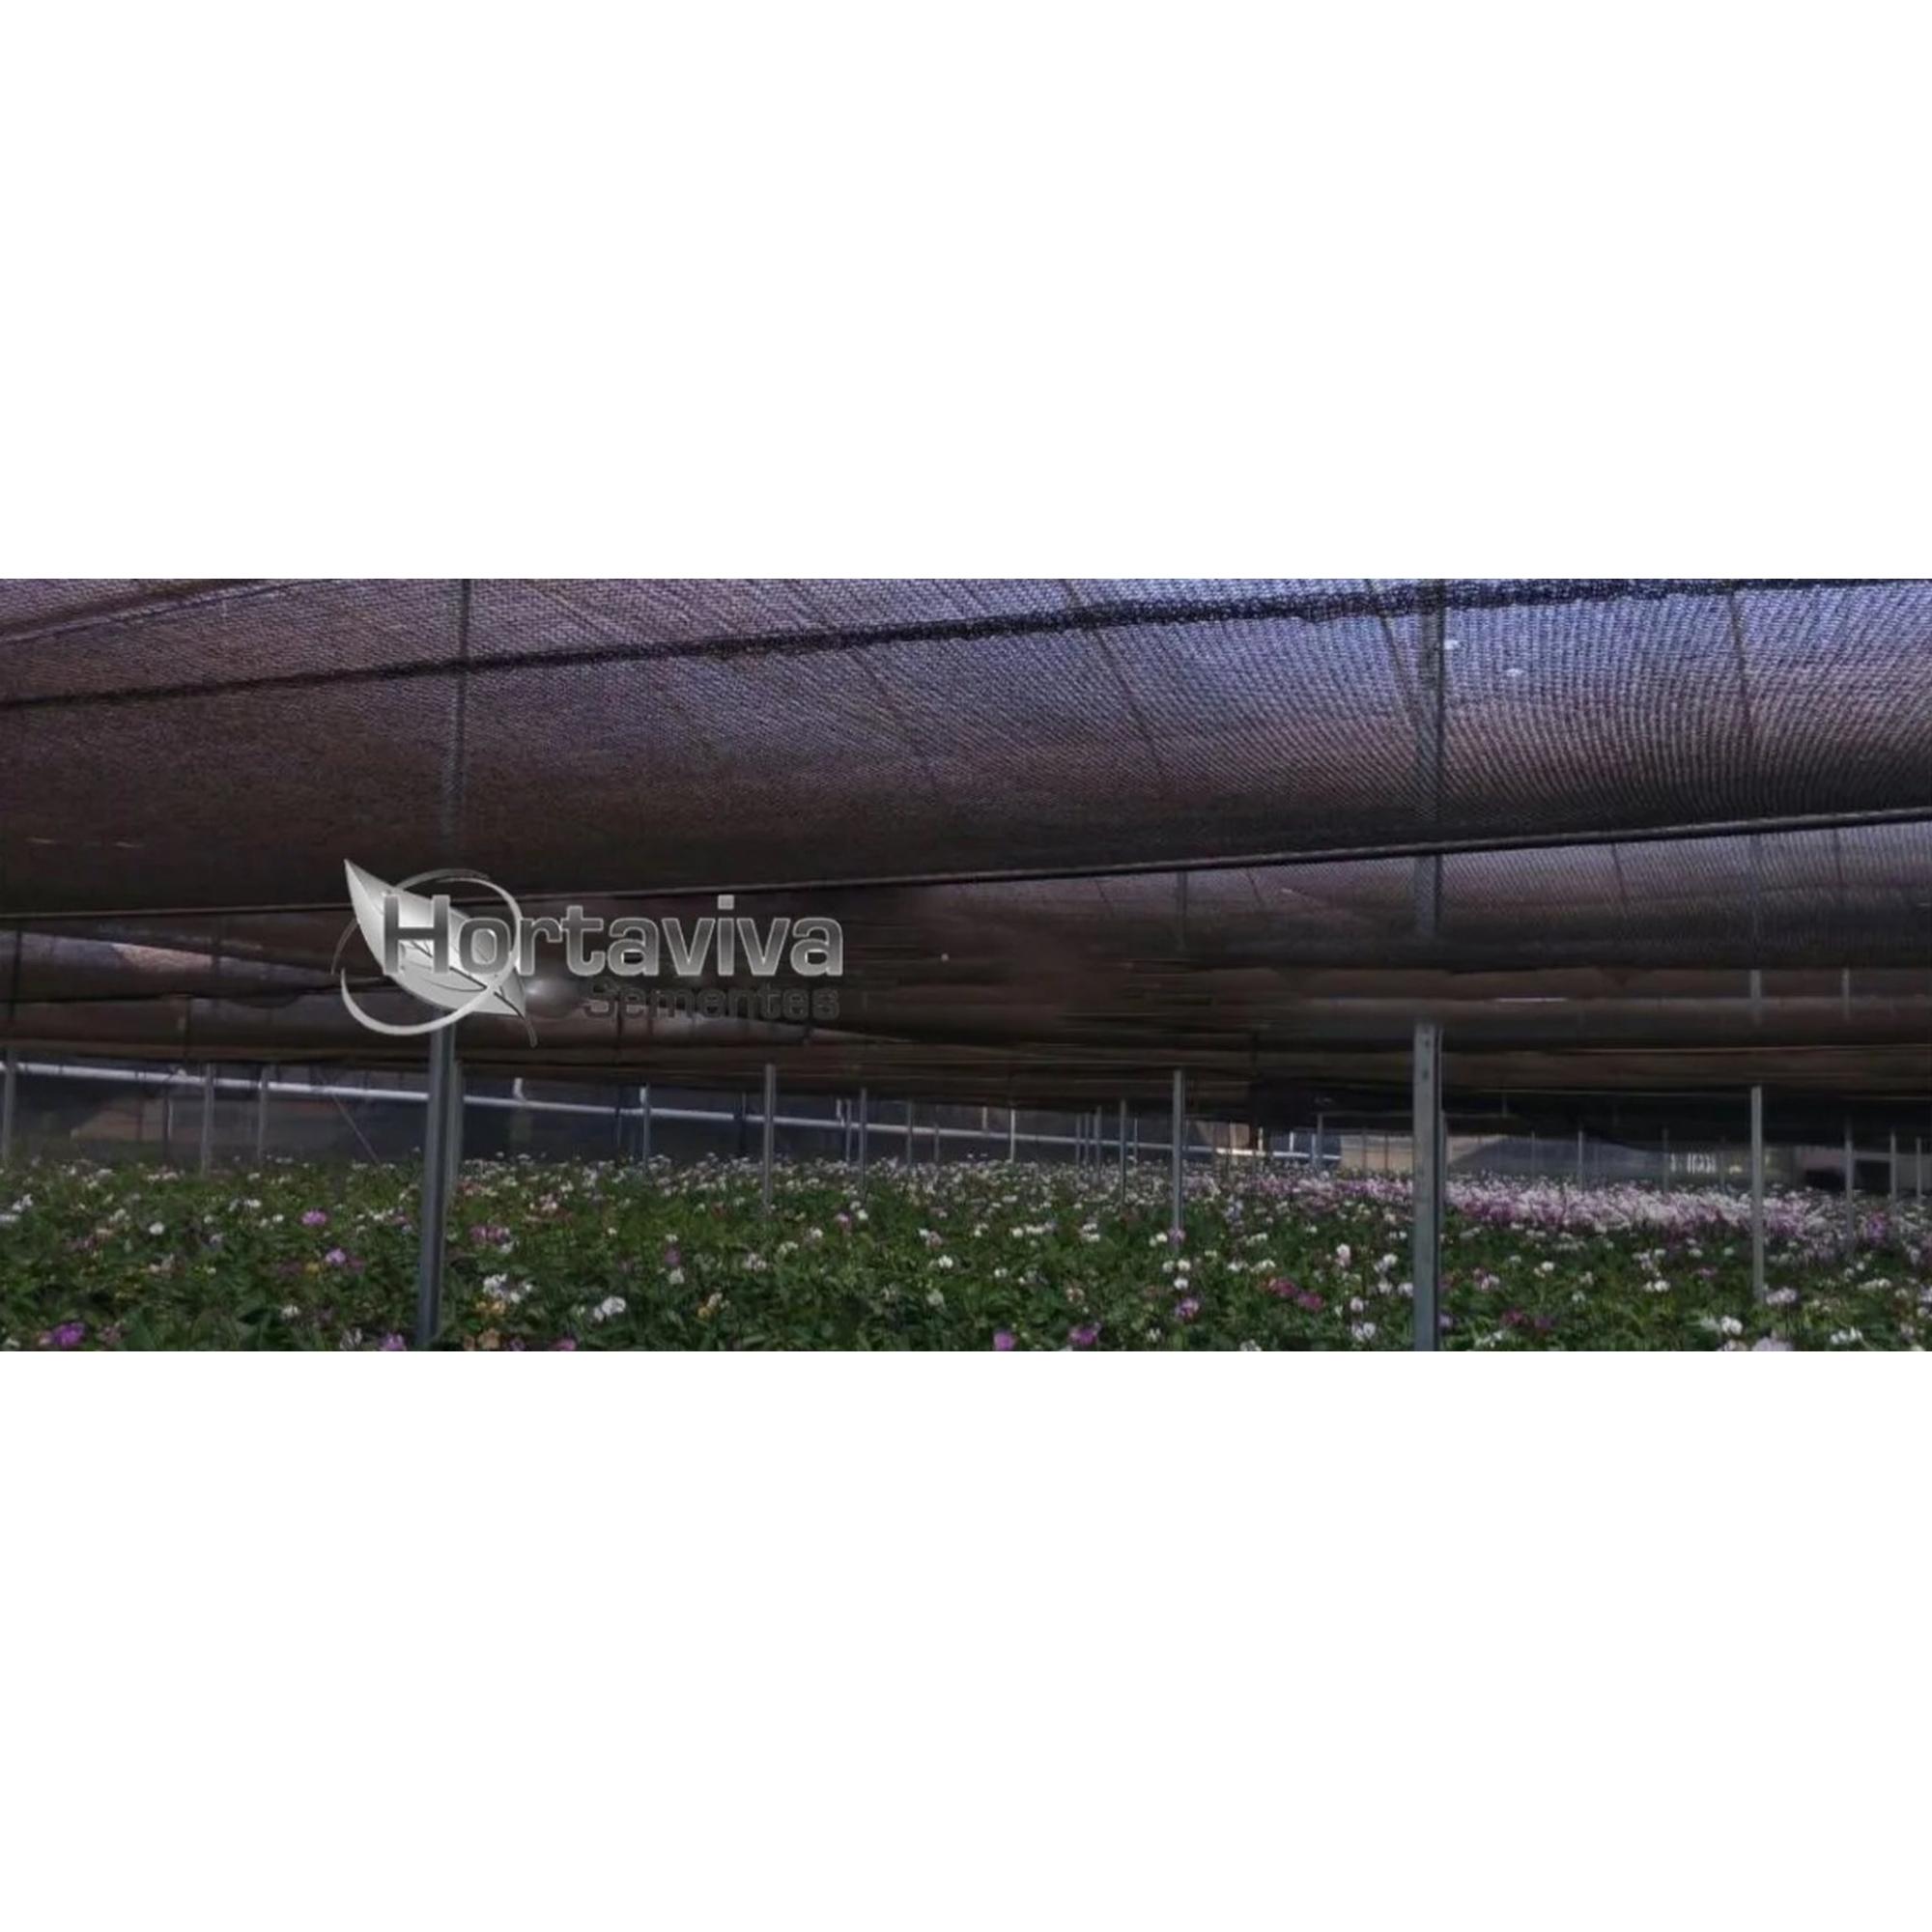 Tela de Sombreamento Preta 50% - 3 Metros x 35 Metros